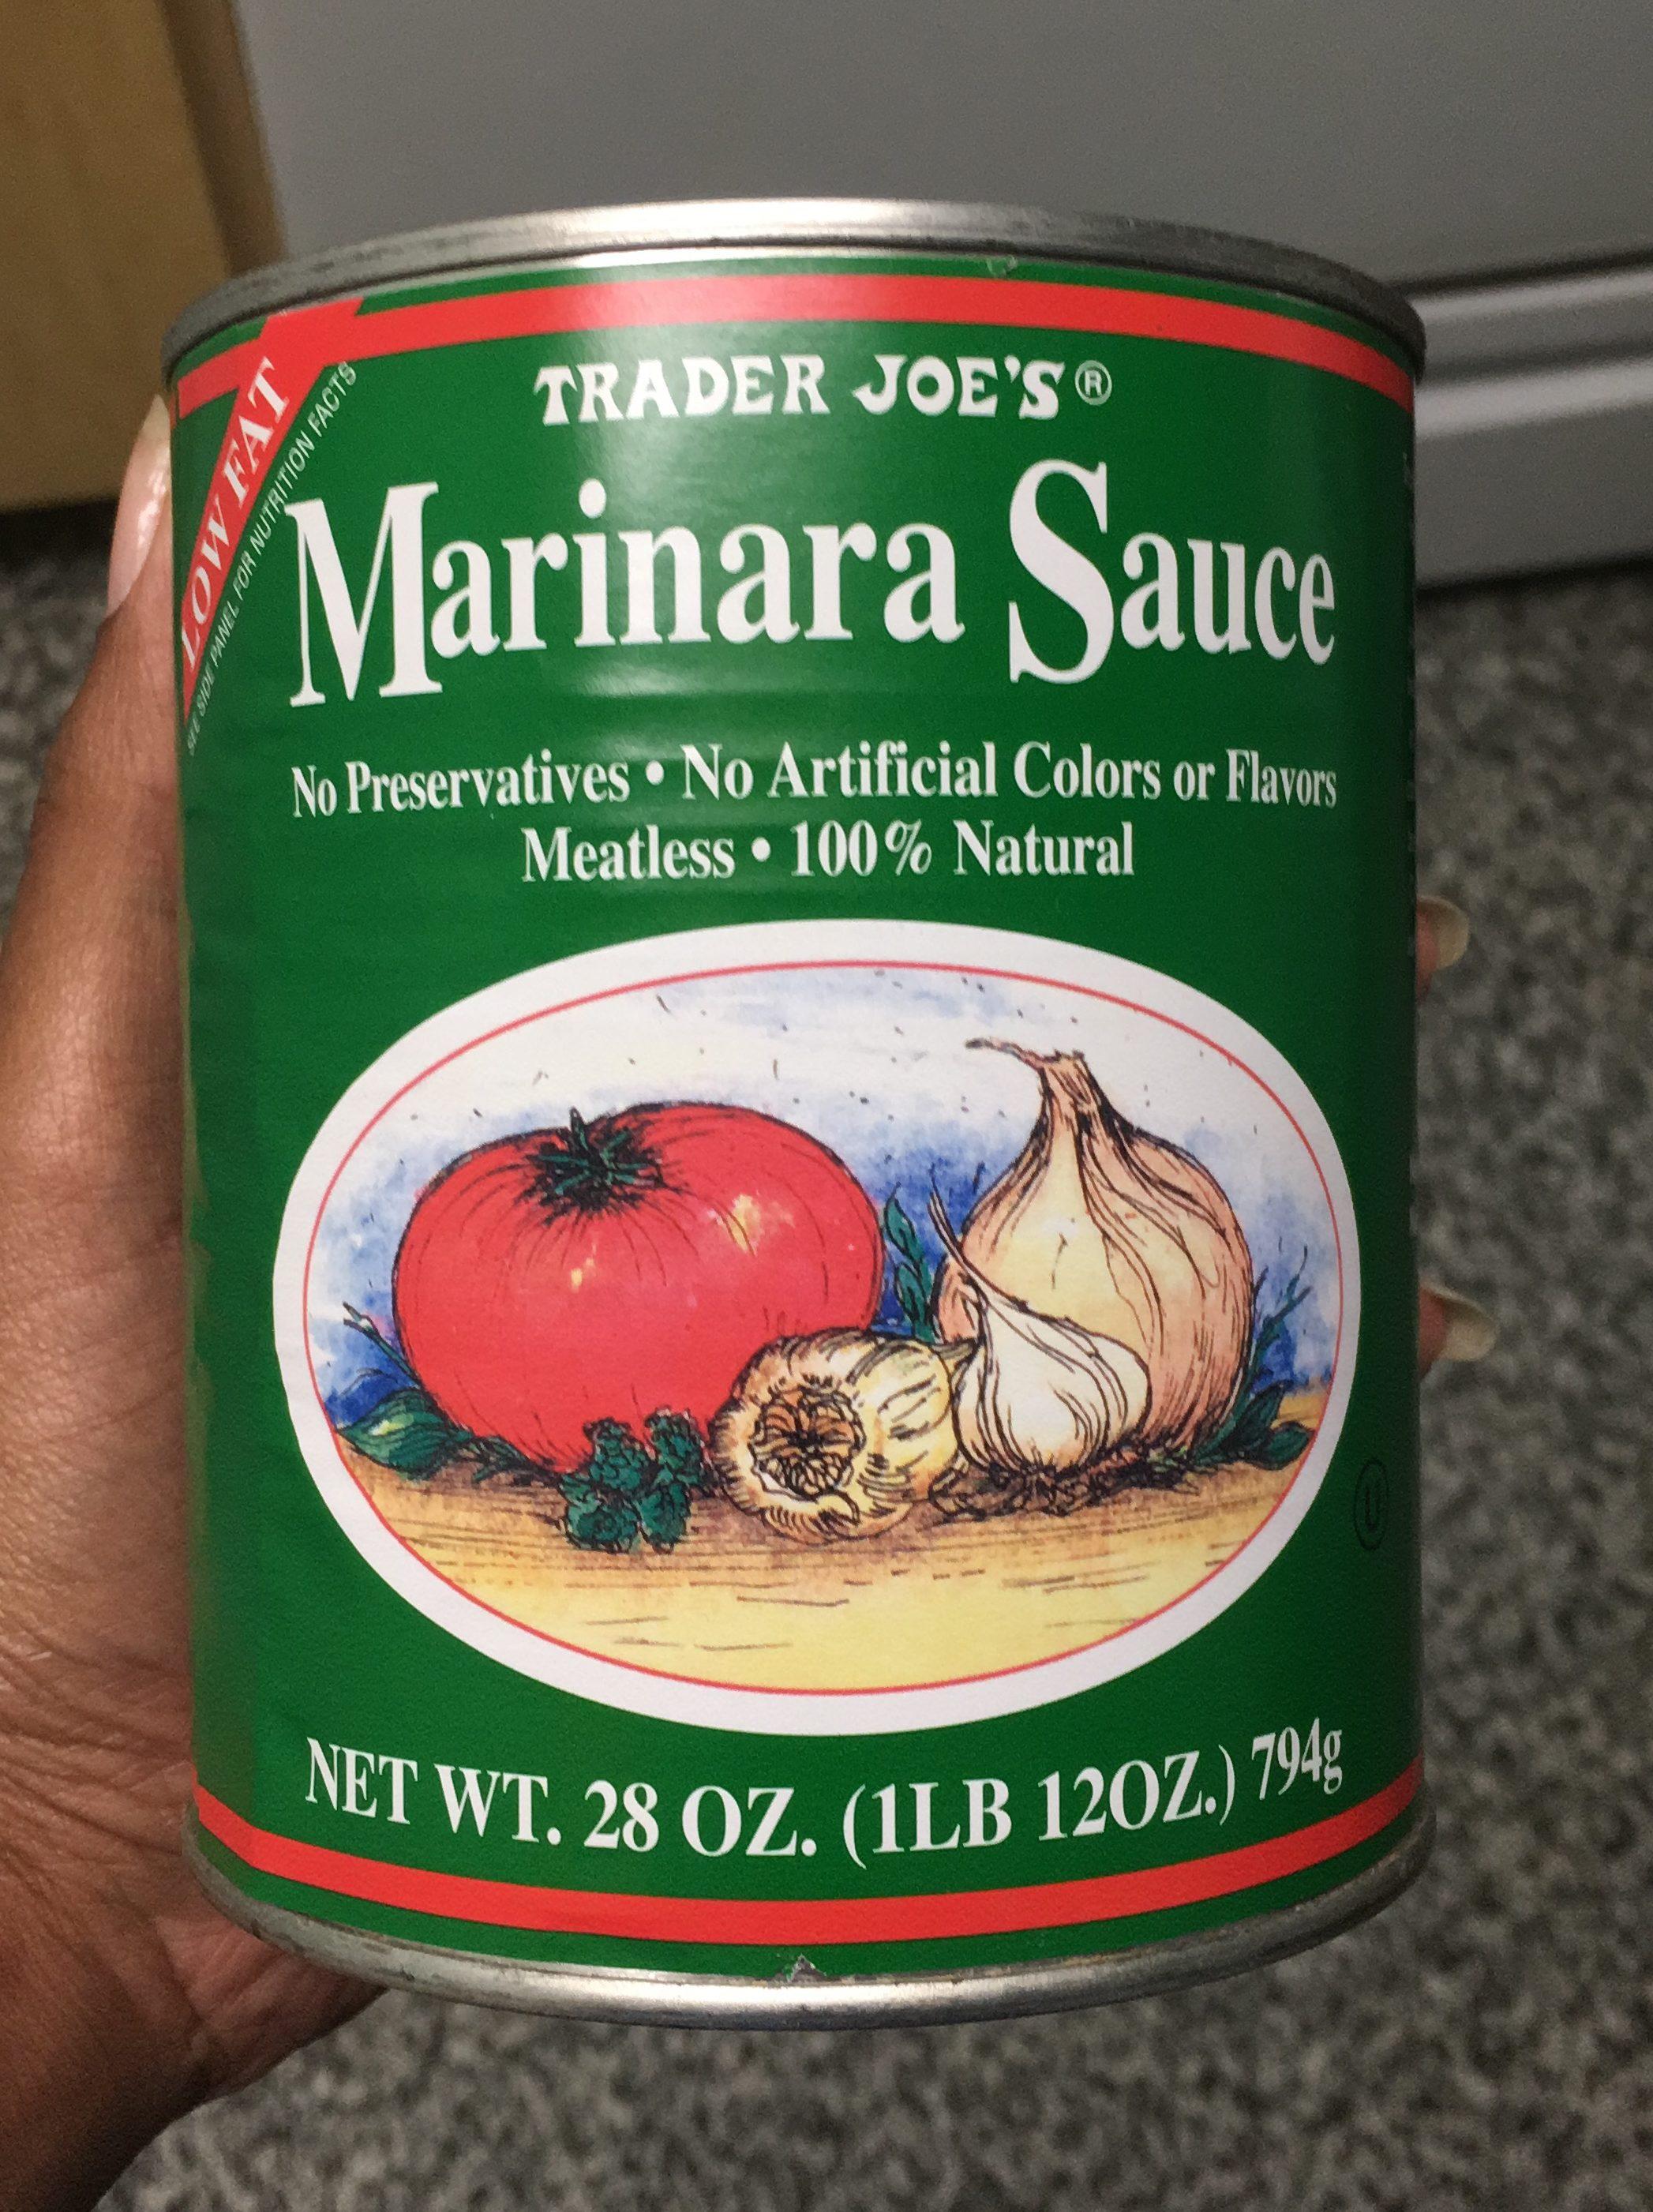 Whole 30 Approved Trader Joe's Marinara Sauce